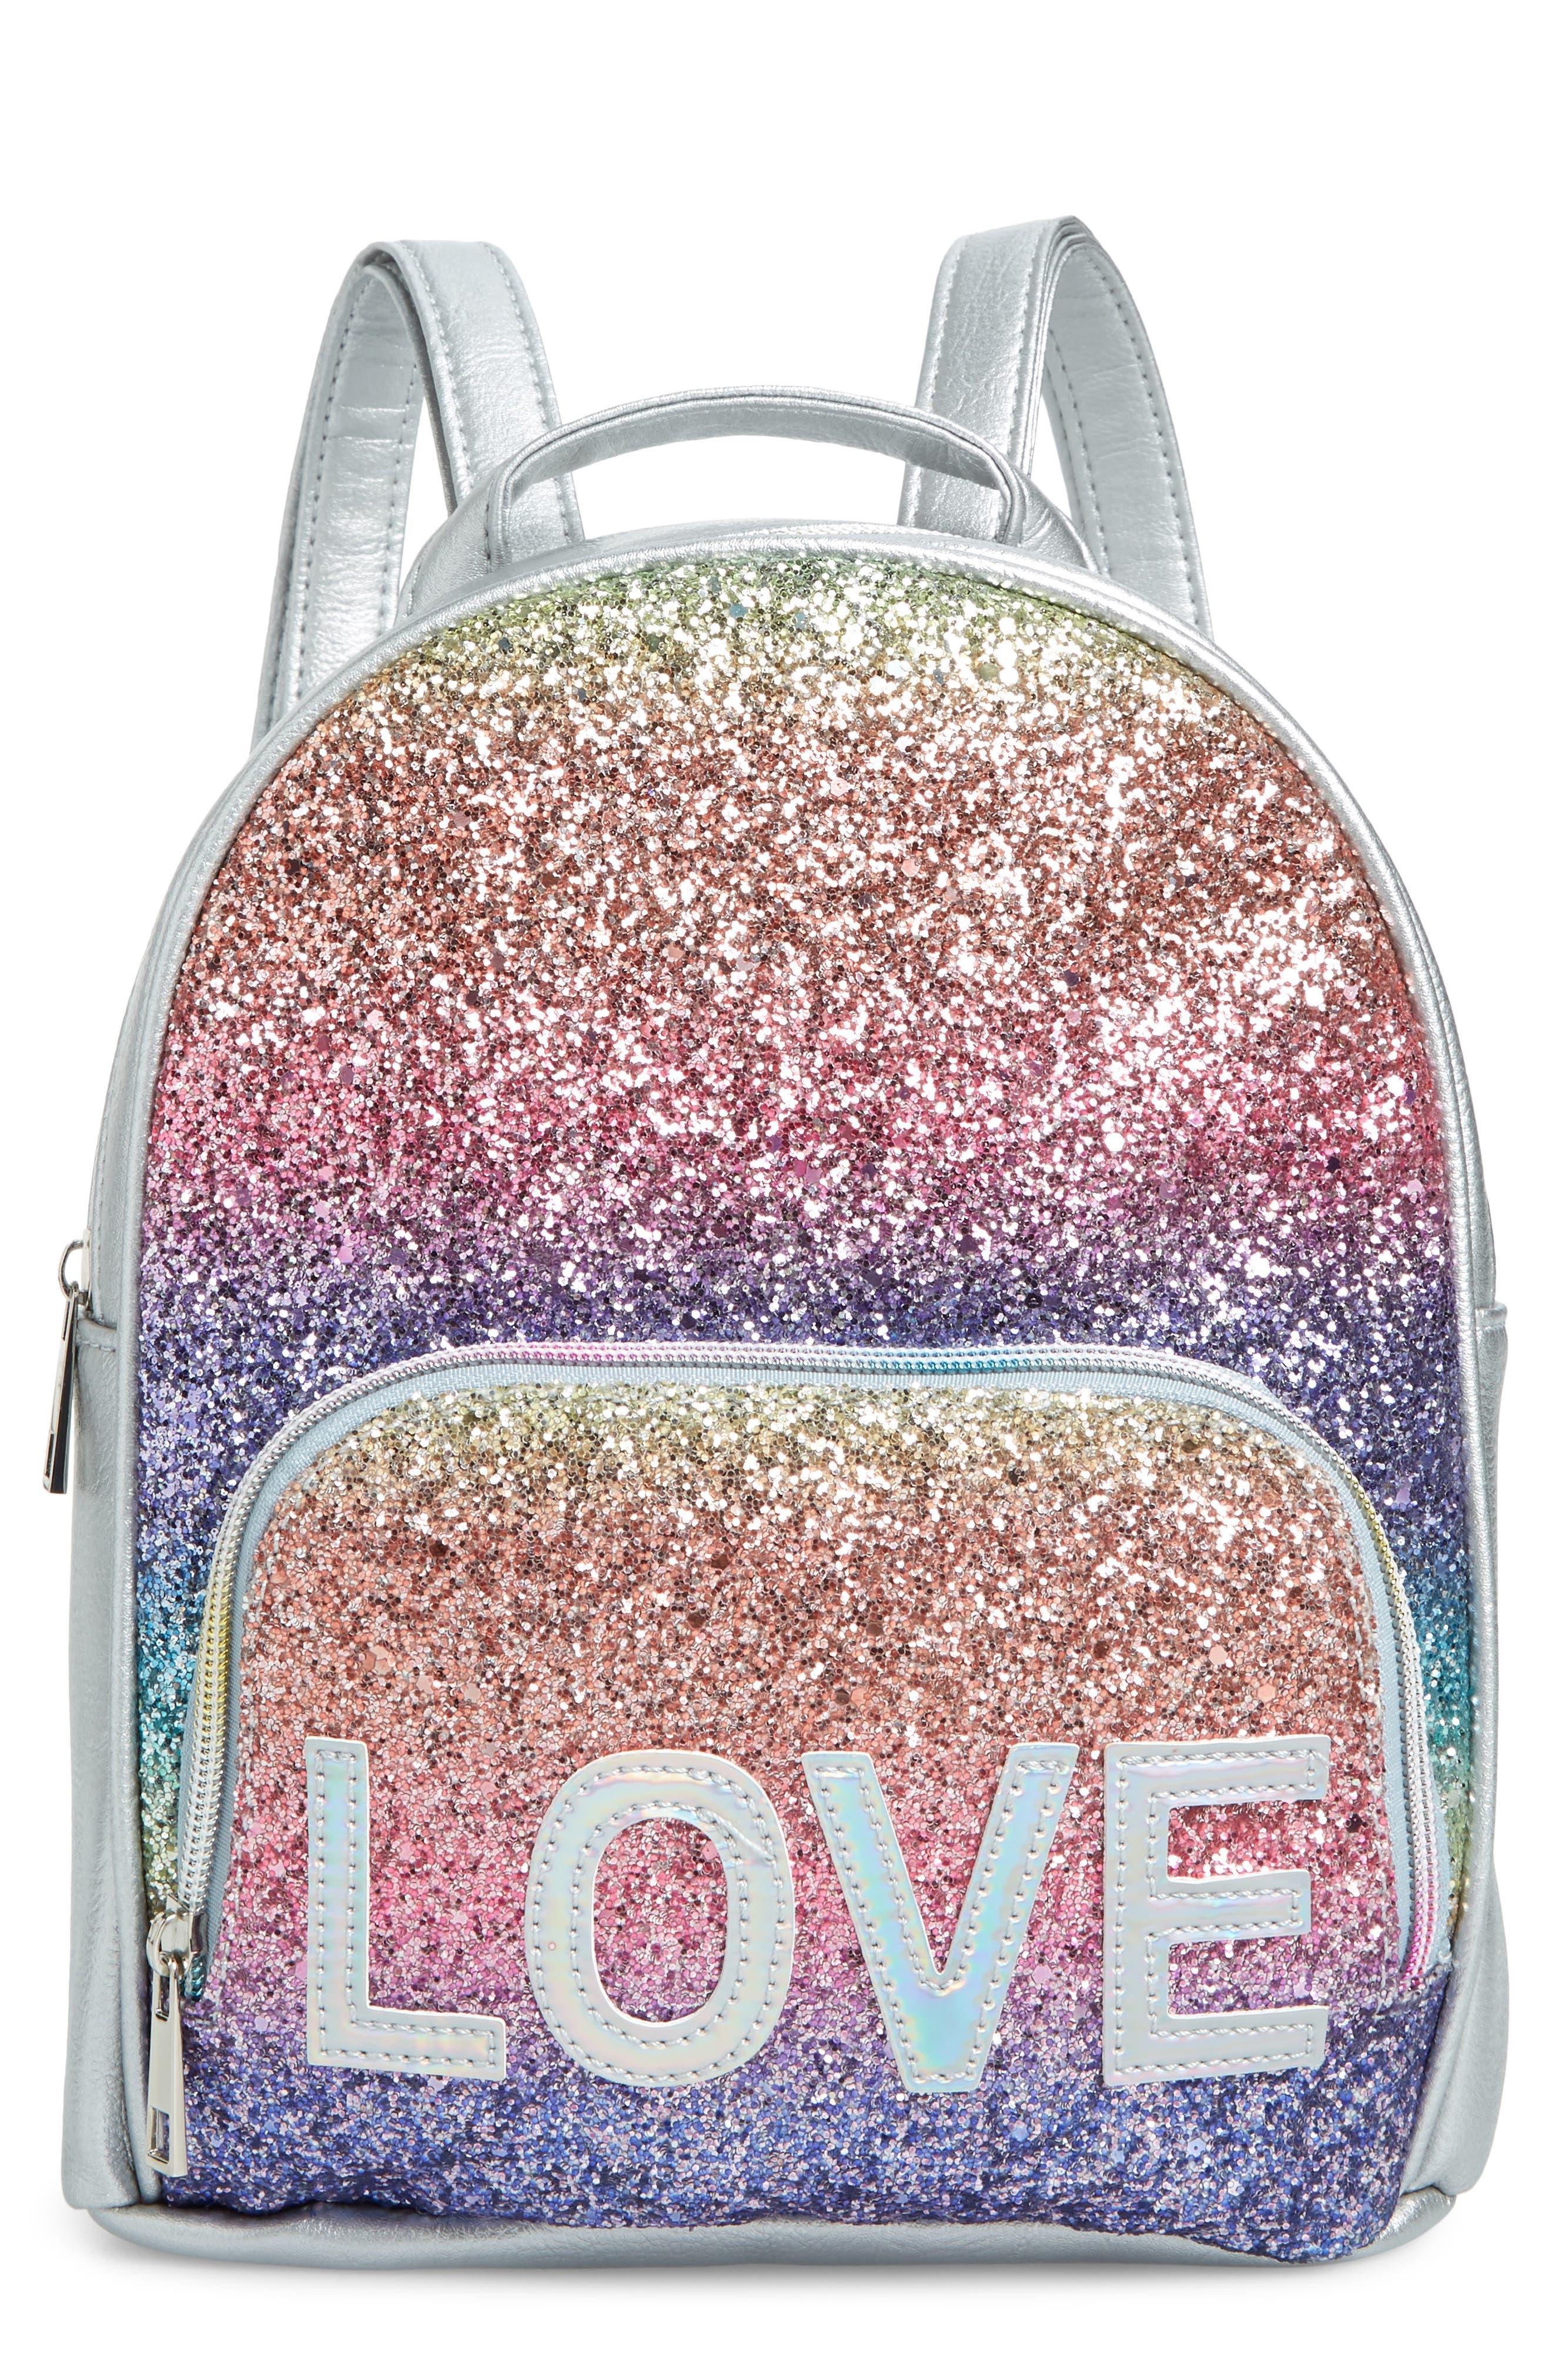 Girls Omg Love Rainbow Glitter Mini Backpack  Metallic